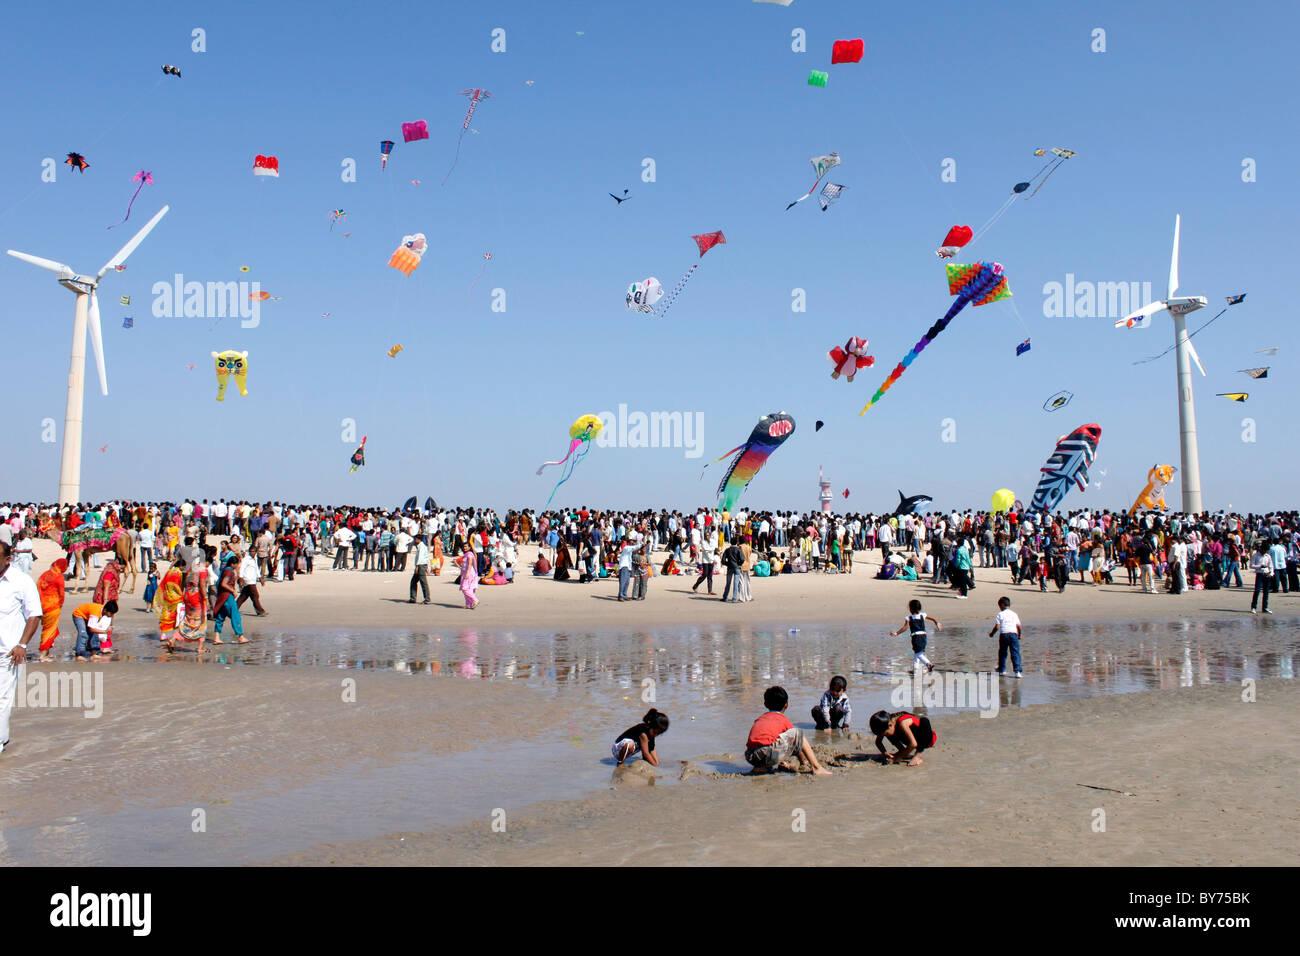 Kite festival in Gujarat beach - Stock Image